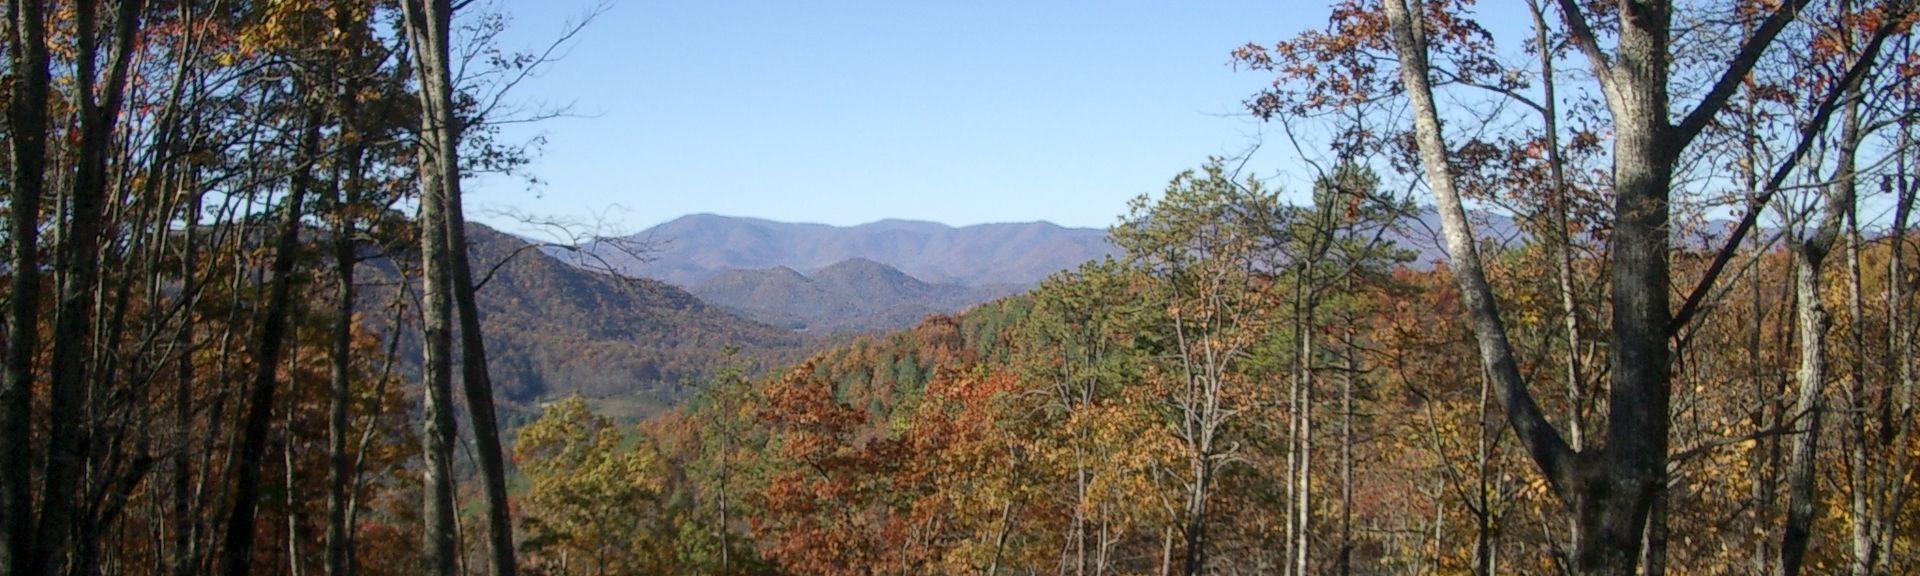 Dillsboro, Dillsboro, North Carolina, United States